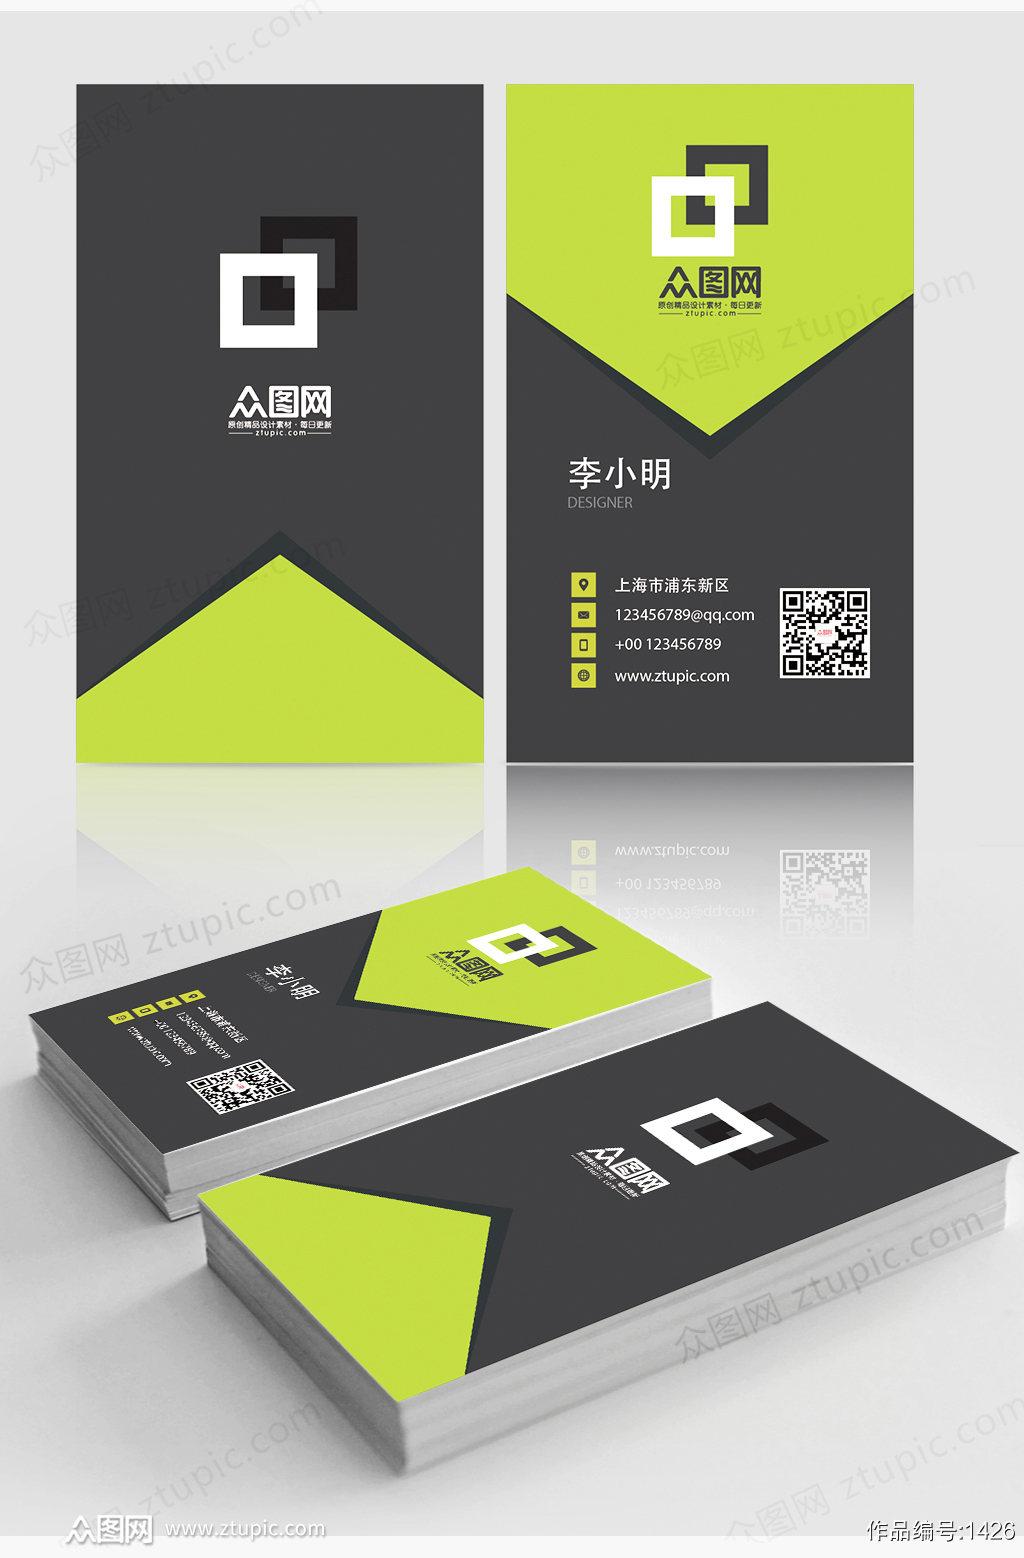 原创个人名片设计模板二维码企业公司卡片素材